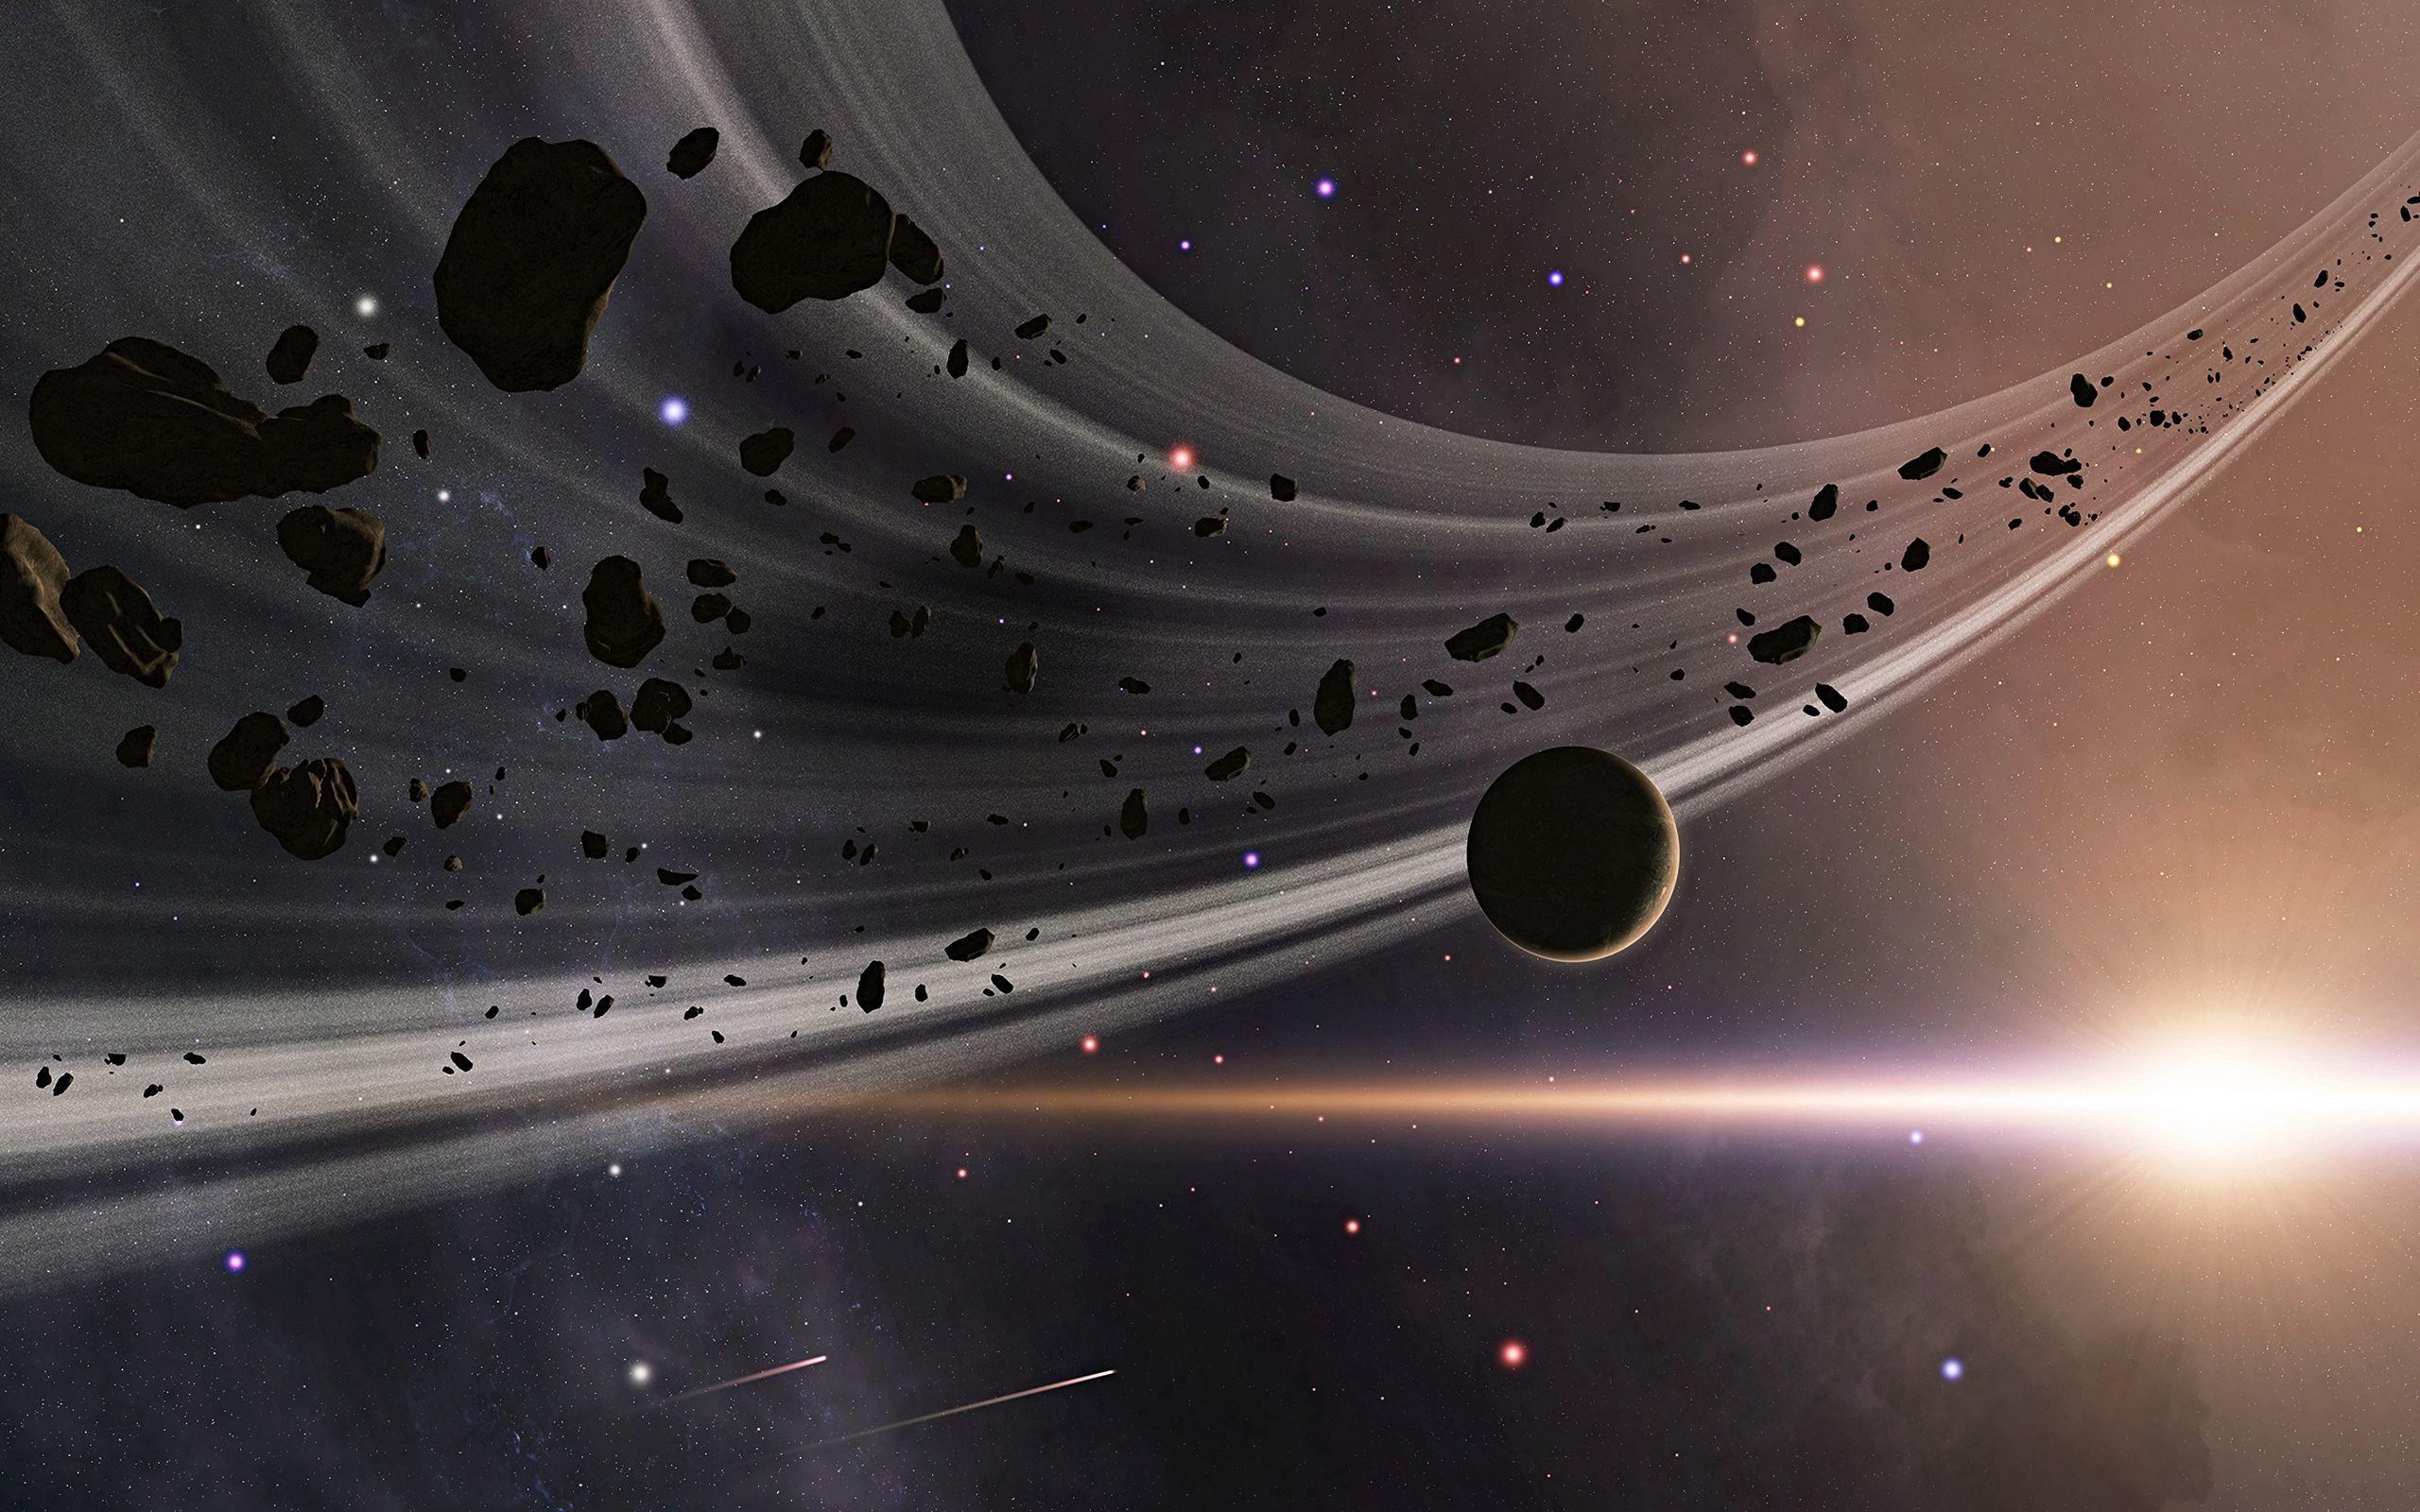 Fondos de pantalla Anillo de asteroides en el espacio